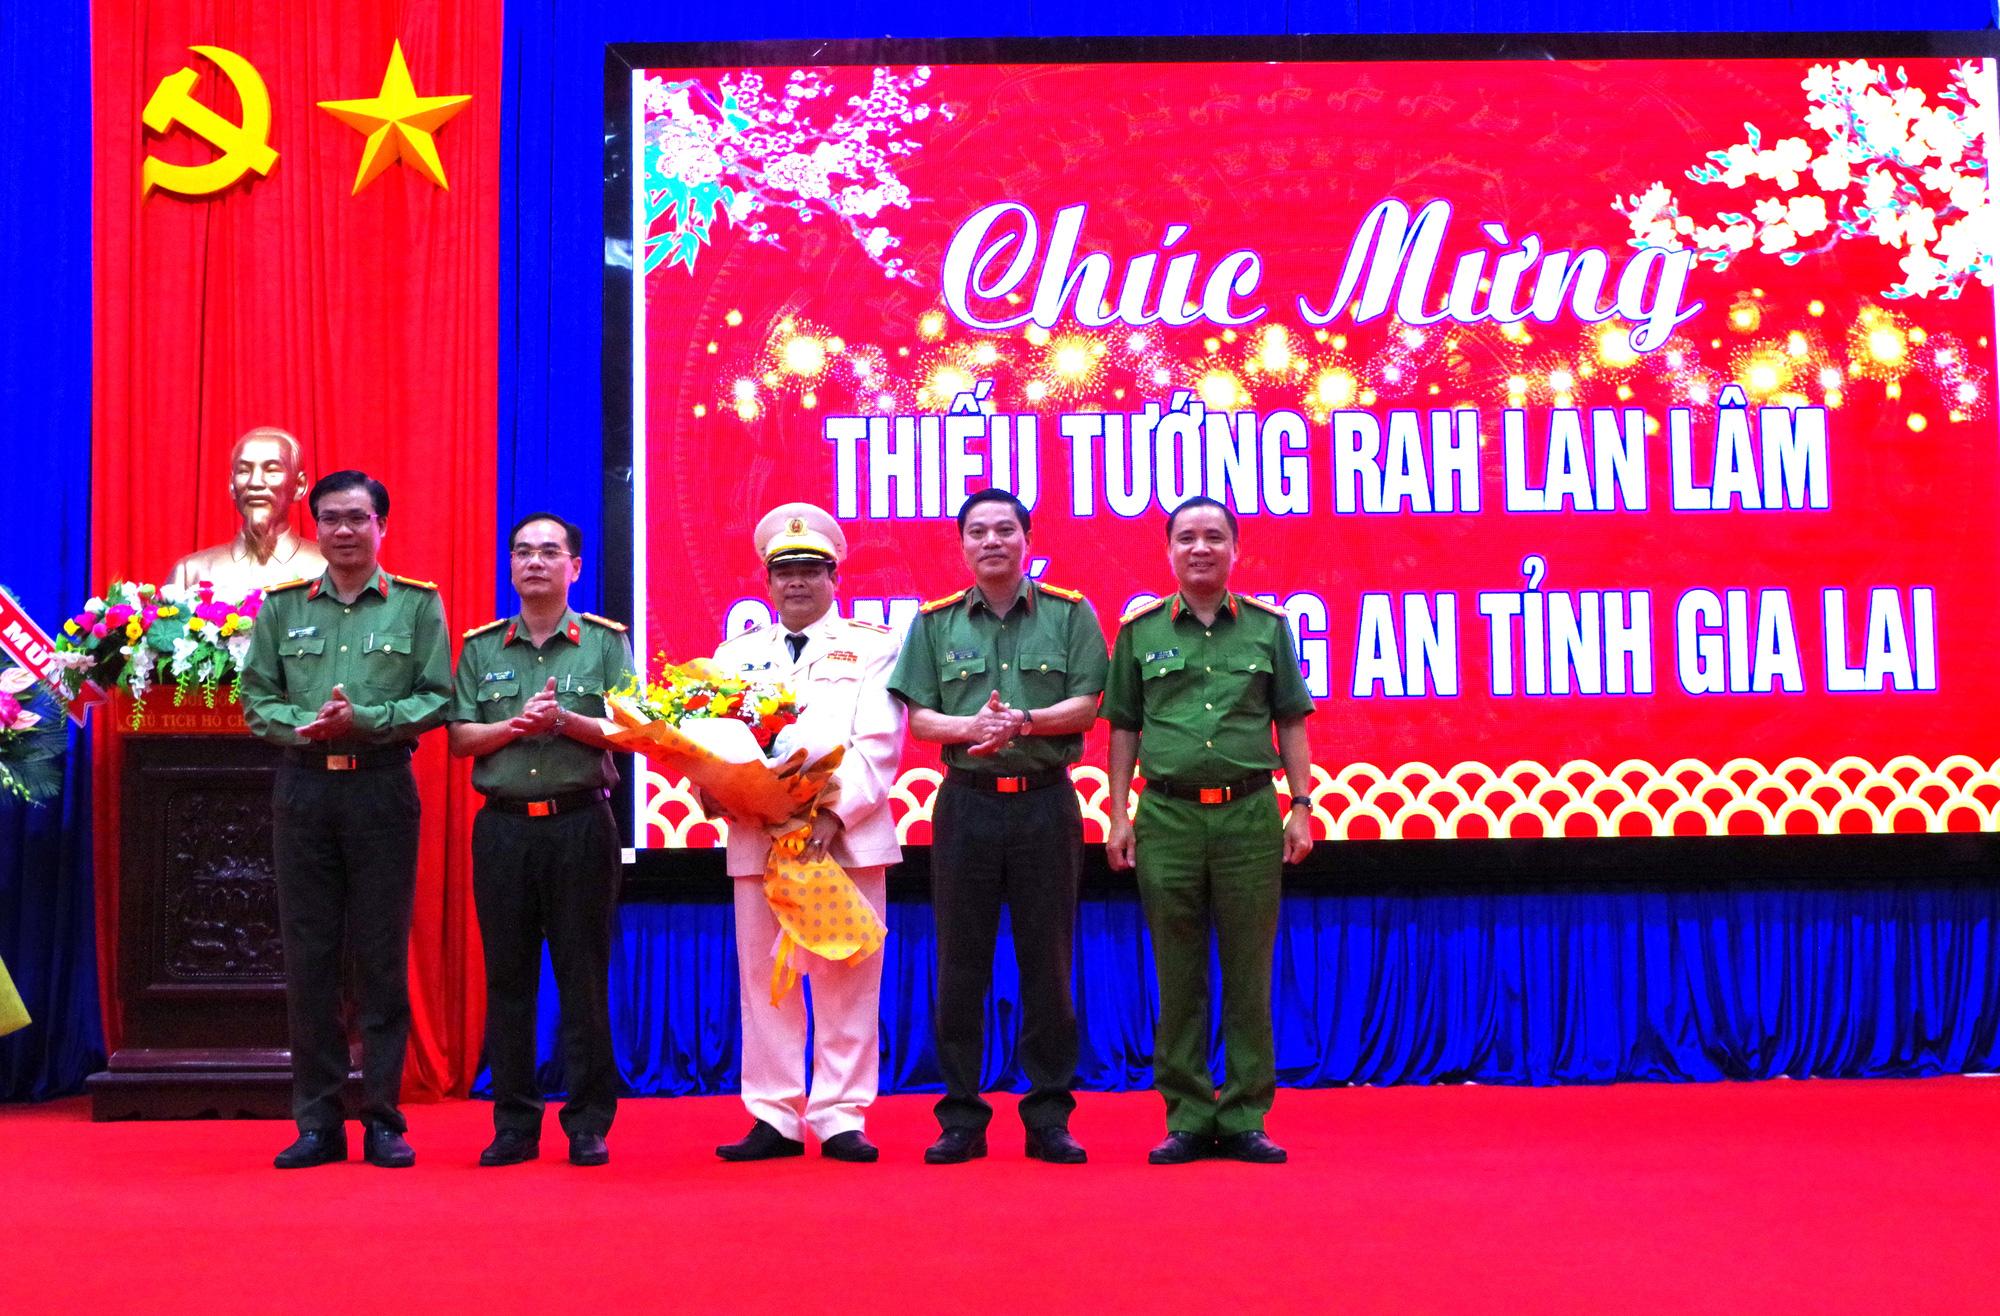 Giám đốc Công an tỉnh Gia Lai được thăng hàm thiếu tướng - Ảnh 1.